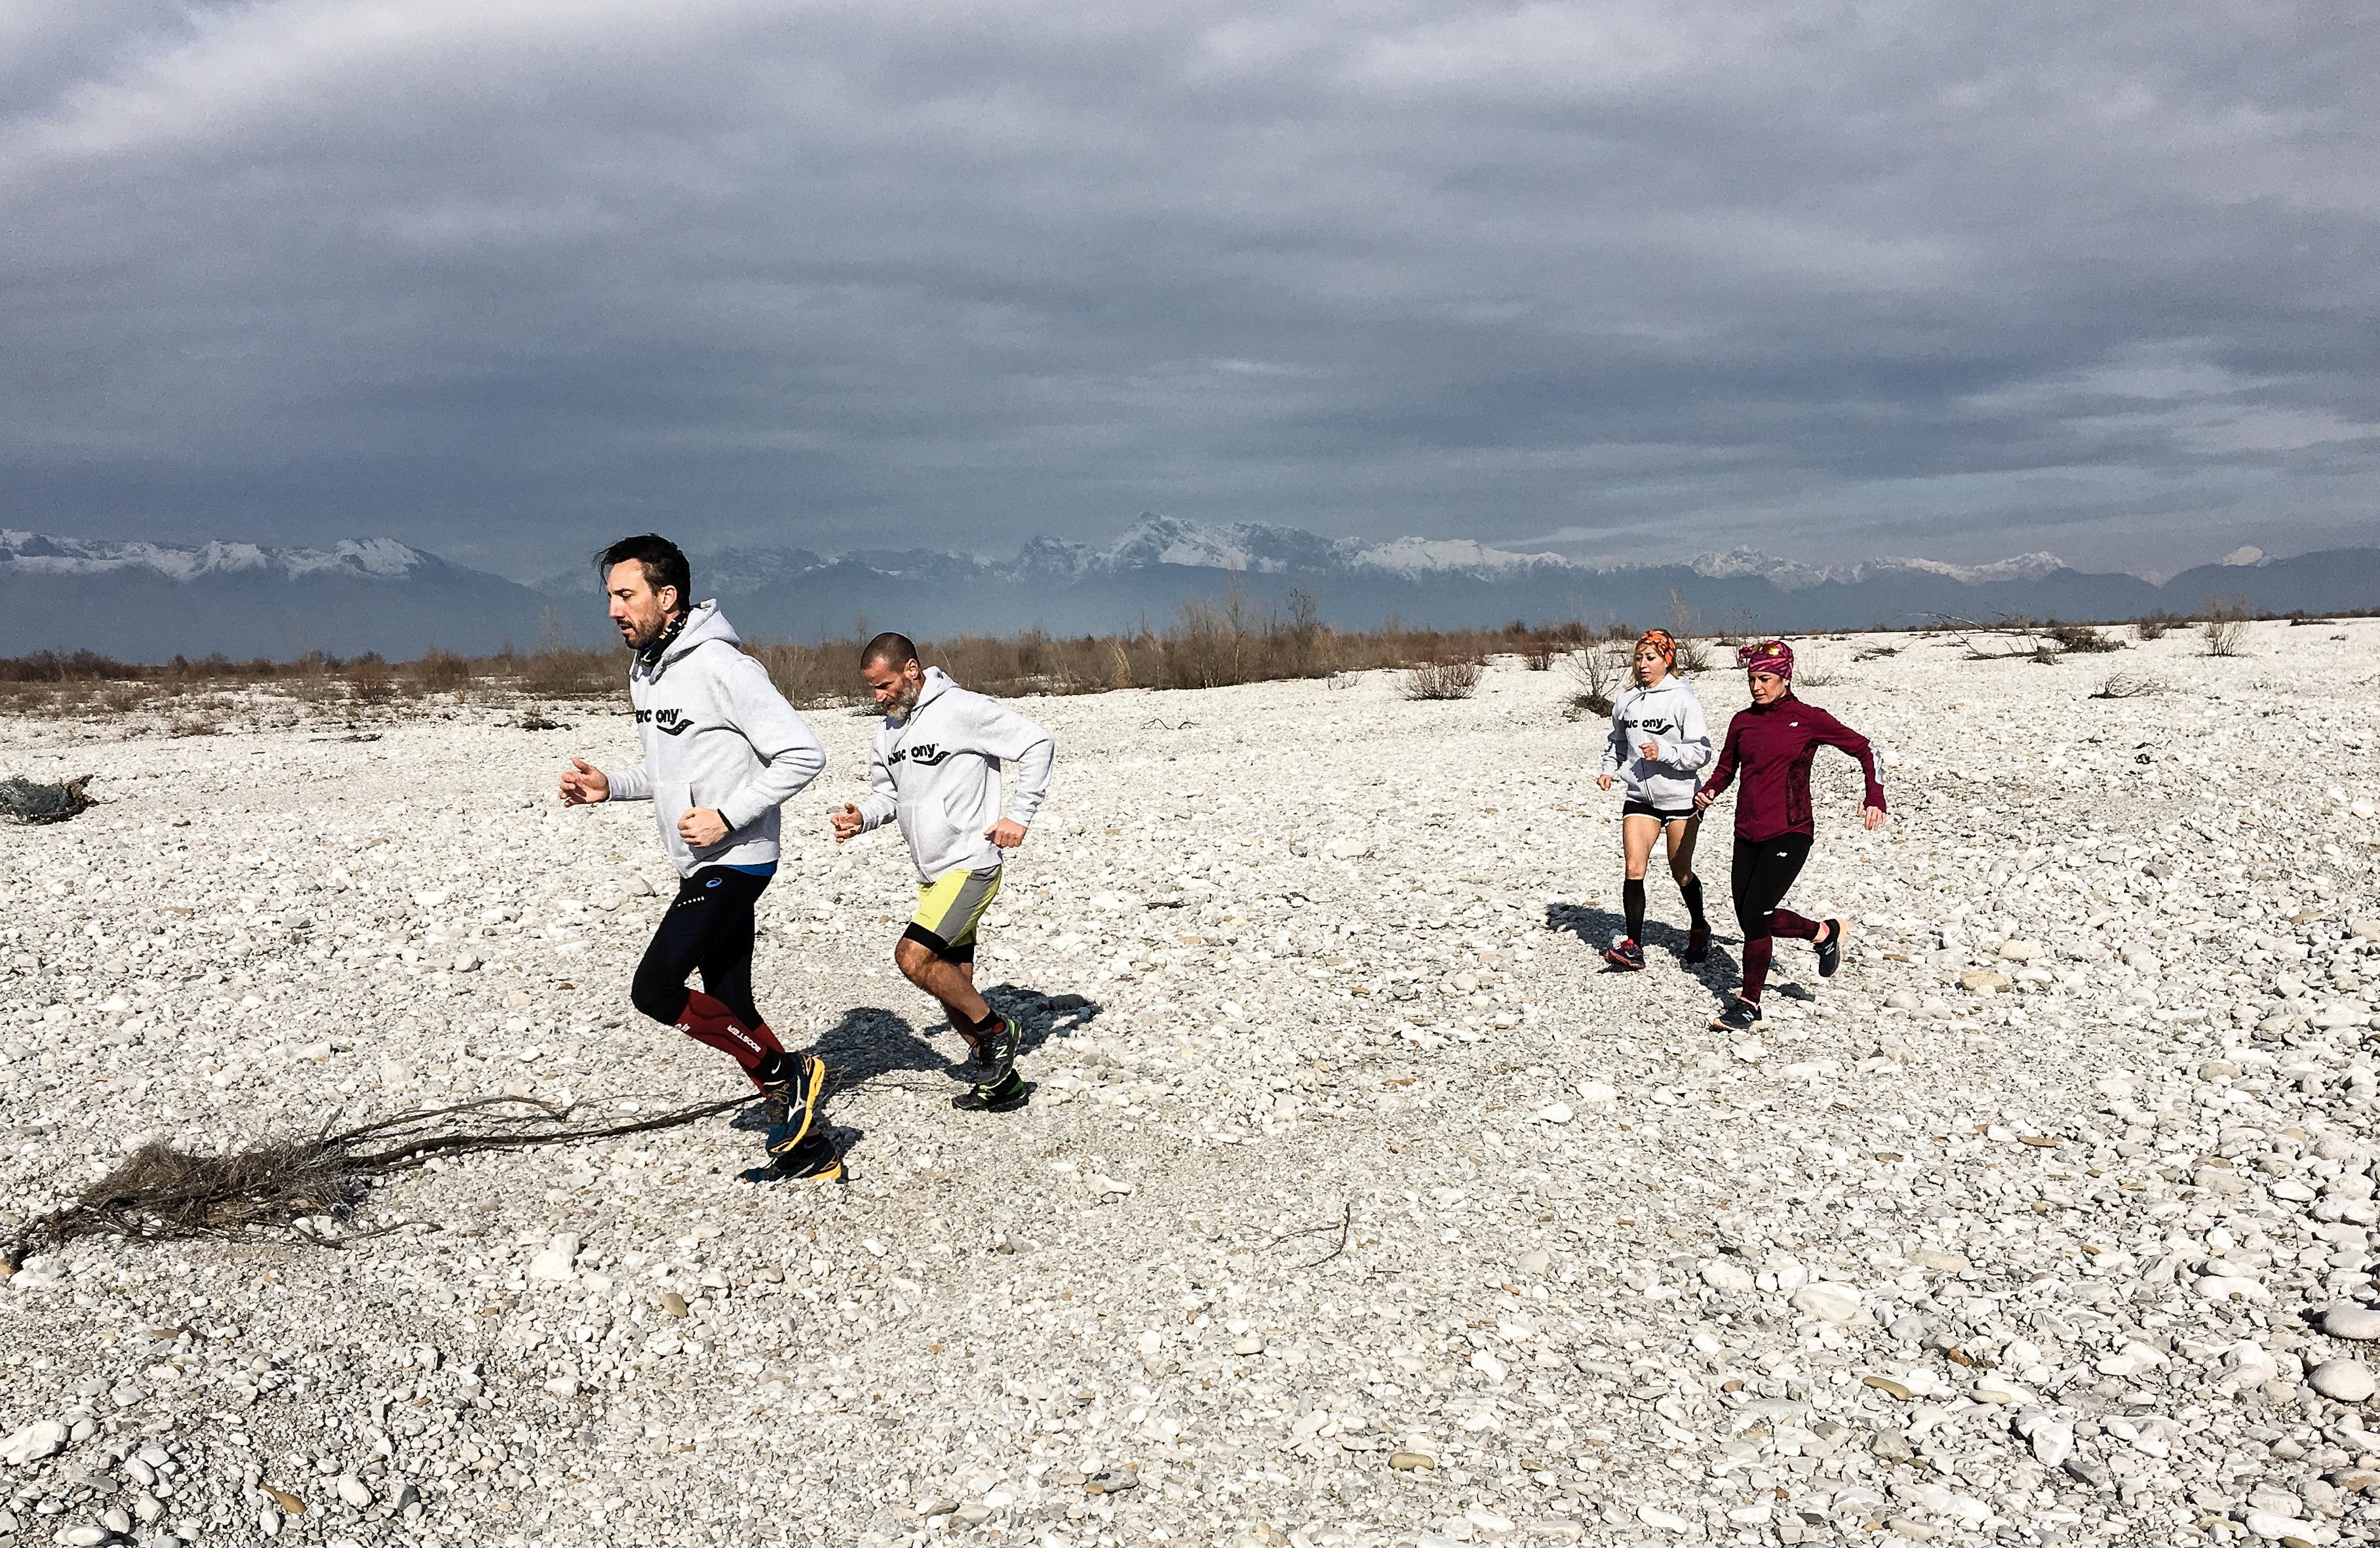 MAGRAID: un viaggio di corsa in Friuli